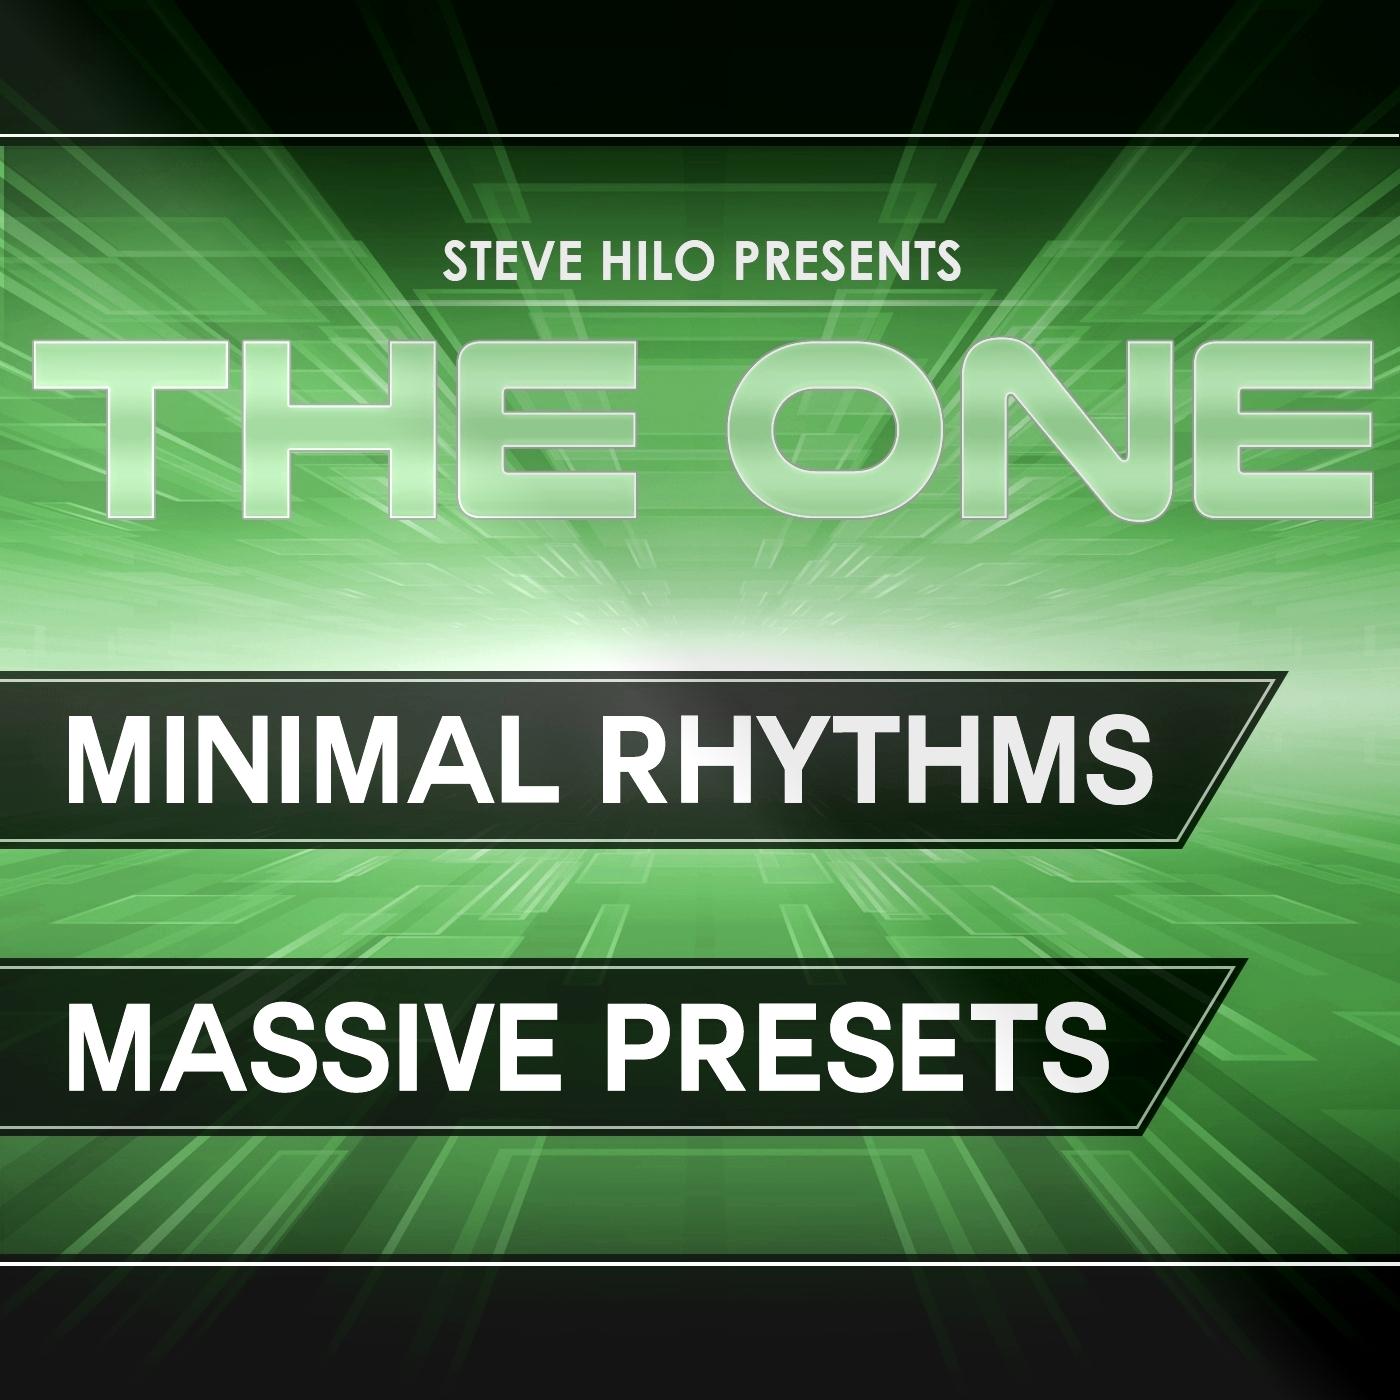 Minimal Rhythms